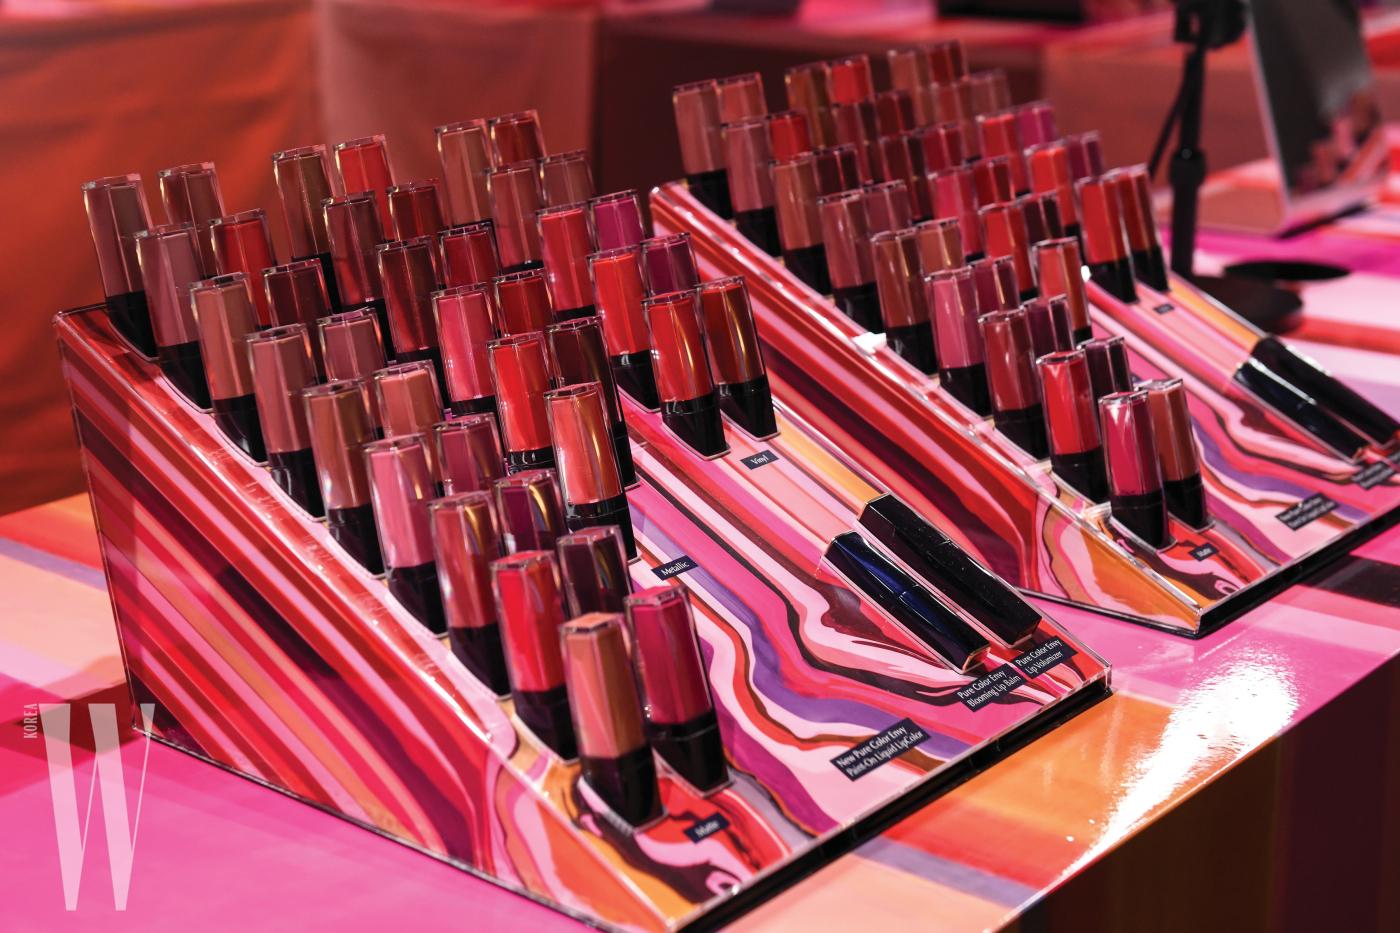 뉴욕 론칭 행사장에 전시된 39가지 색의 '퓨어 컬러 엔비 페인트-온 리퀴드 립 컬러'.